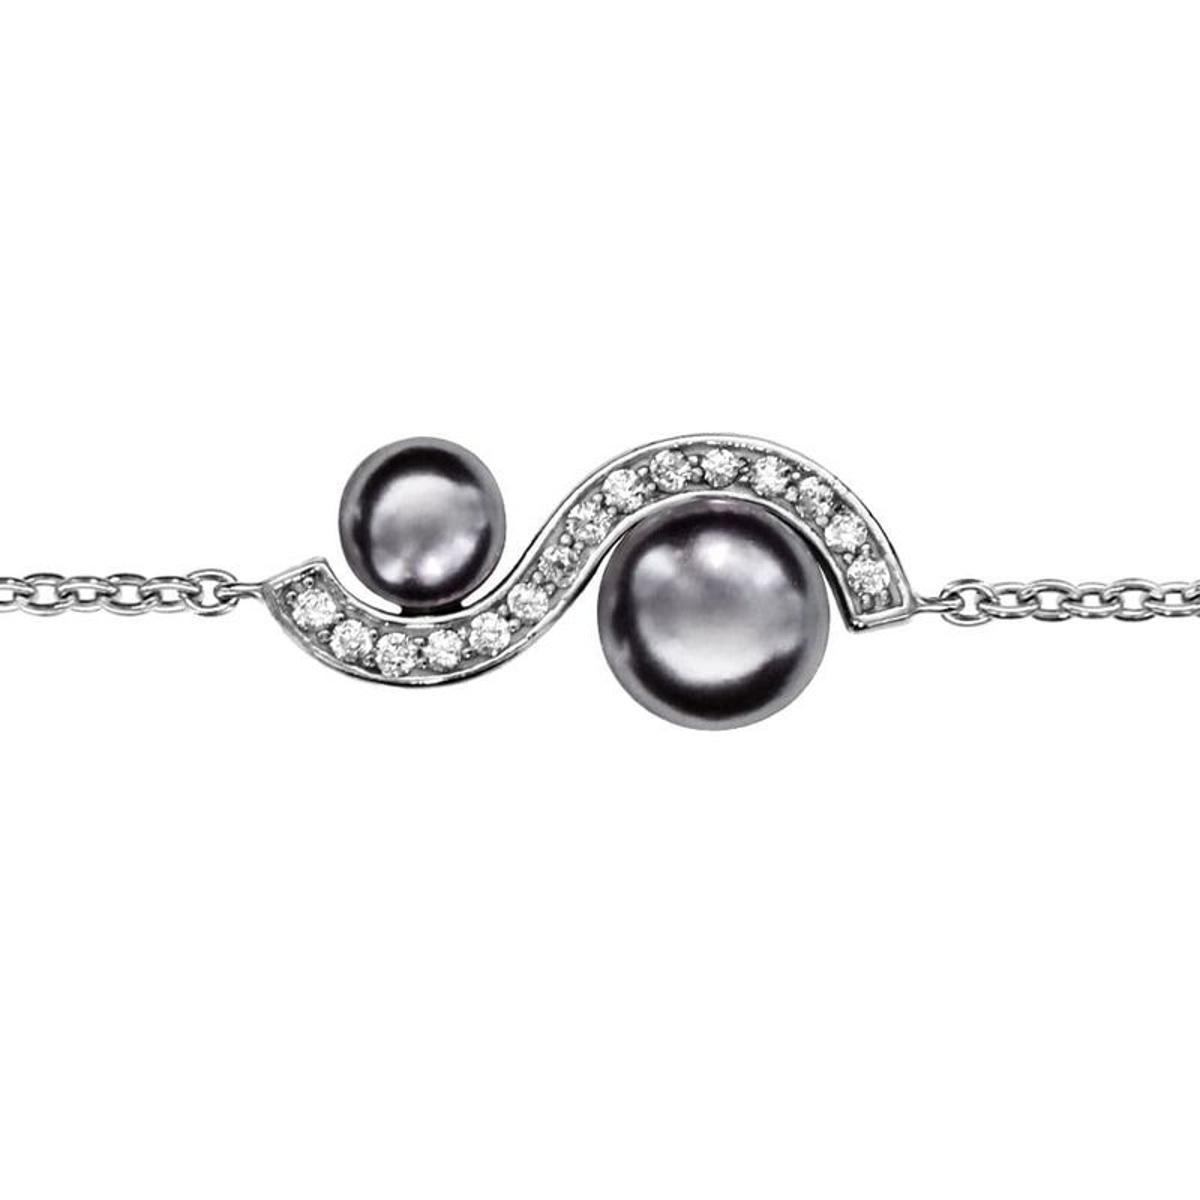 Bracelet Réglable: 16 à 18 cm Vague Perles Argent 925